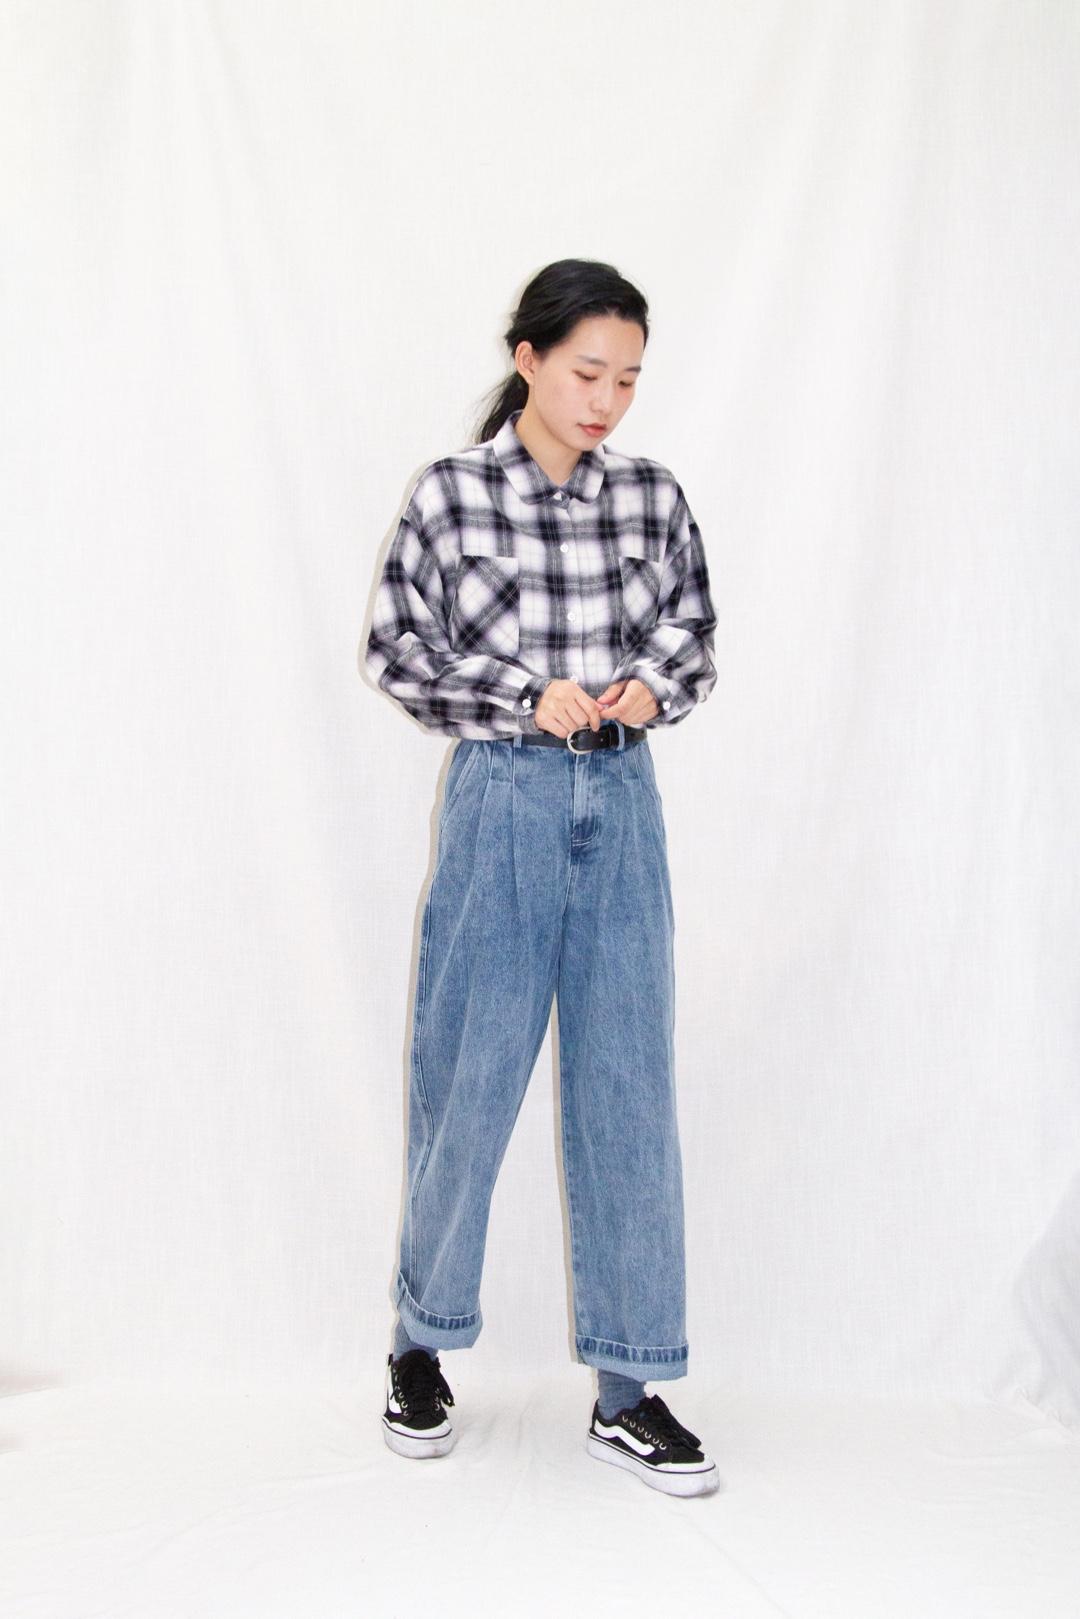 干练的低马尾配上格子衬衫 系进牛仔裤里+质感好的皮带 真的很日系哦! #全民搭配挑战赛#